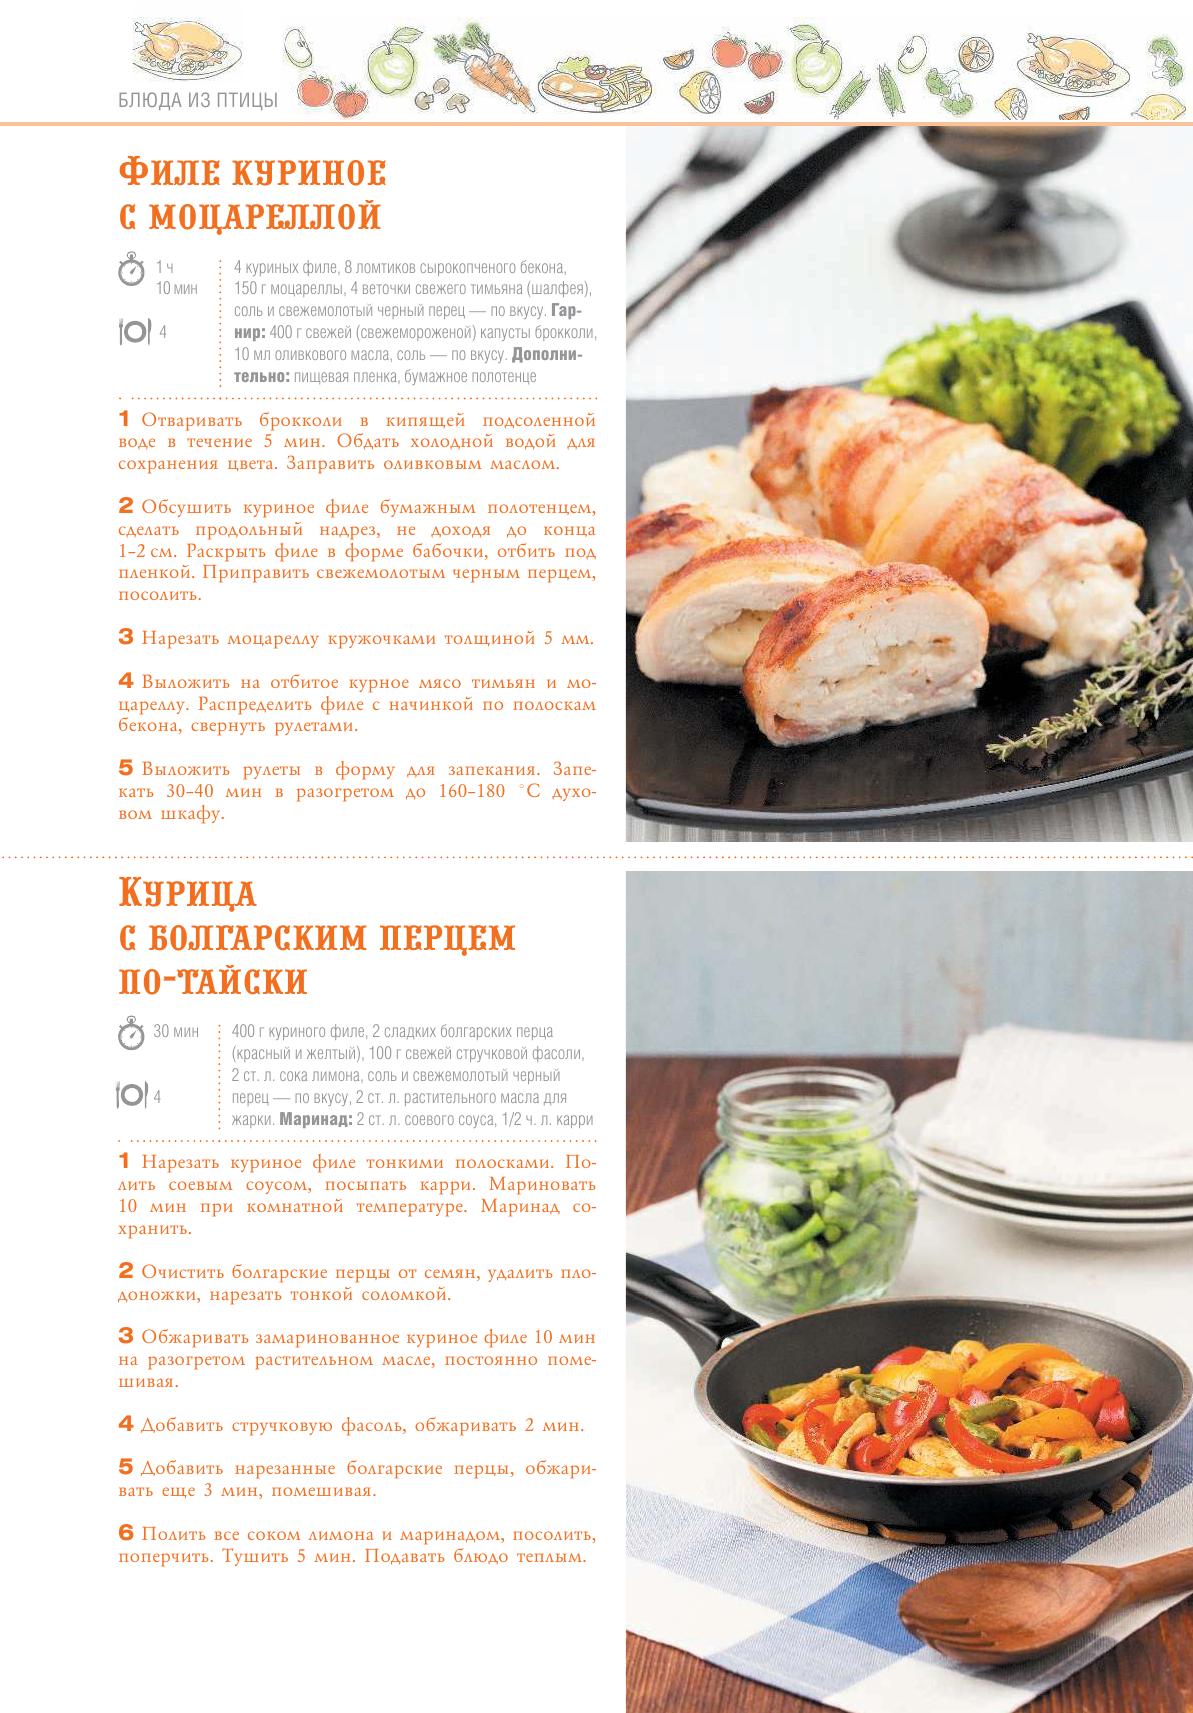 рецепт мясного блюда с картинками другой